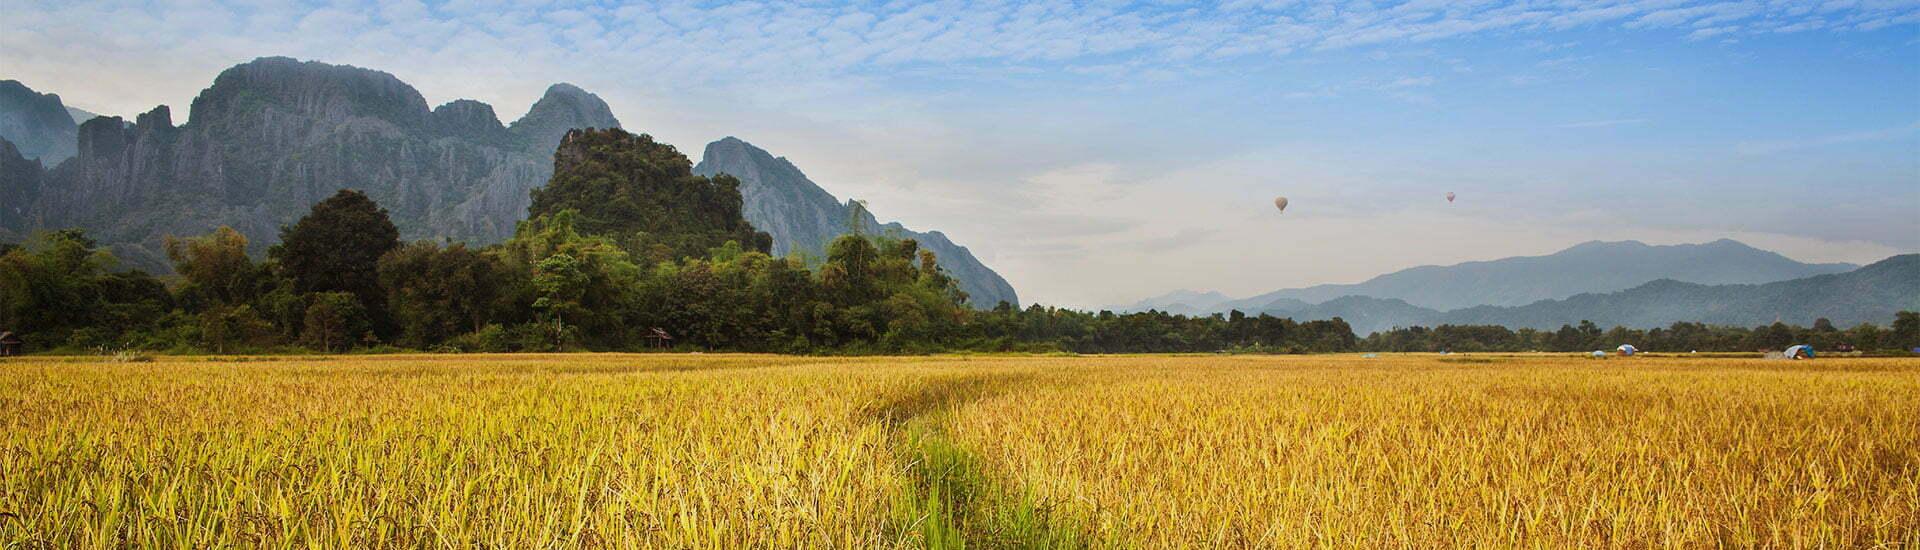 Circuit Vietnam Laos | Hanoi Voyages | Agence Locale